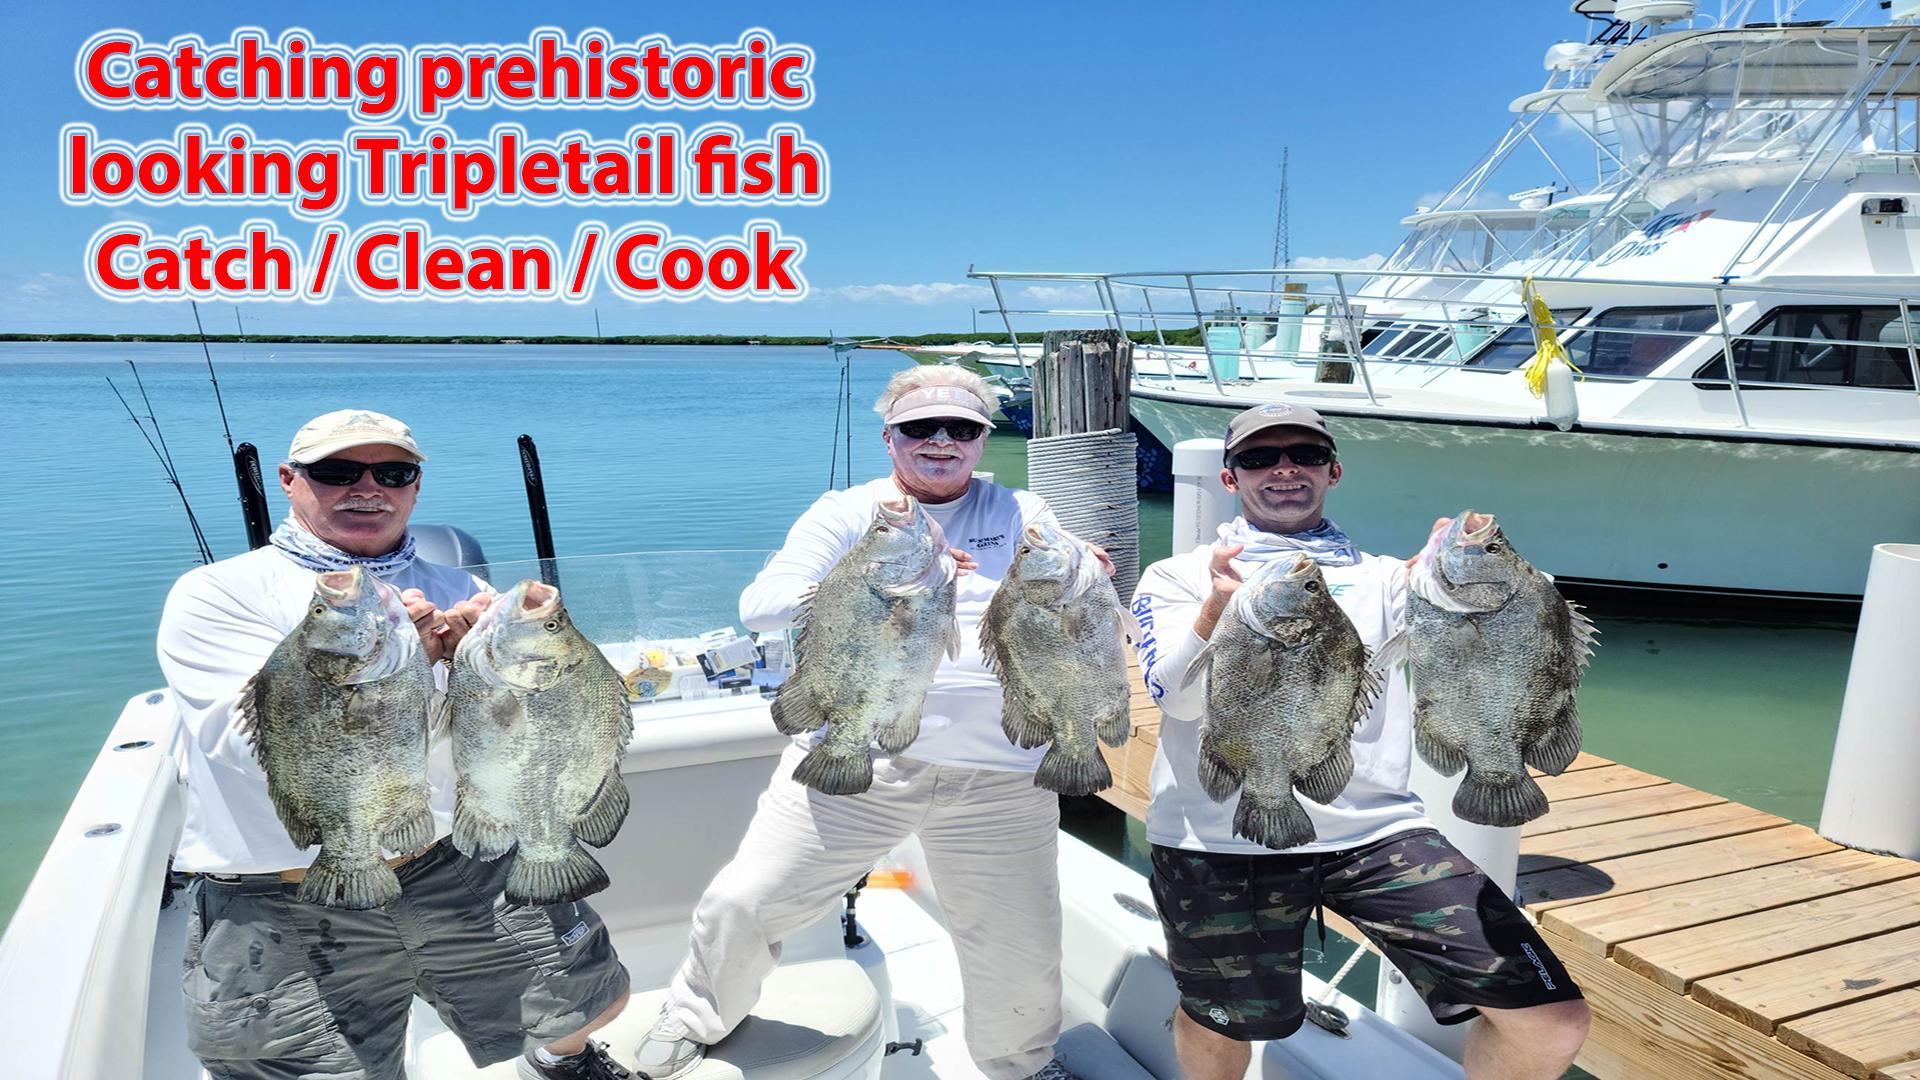 Epic Tripletail Fishing in Florida Bay